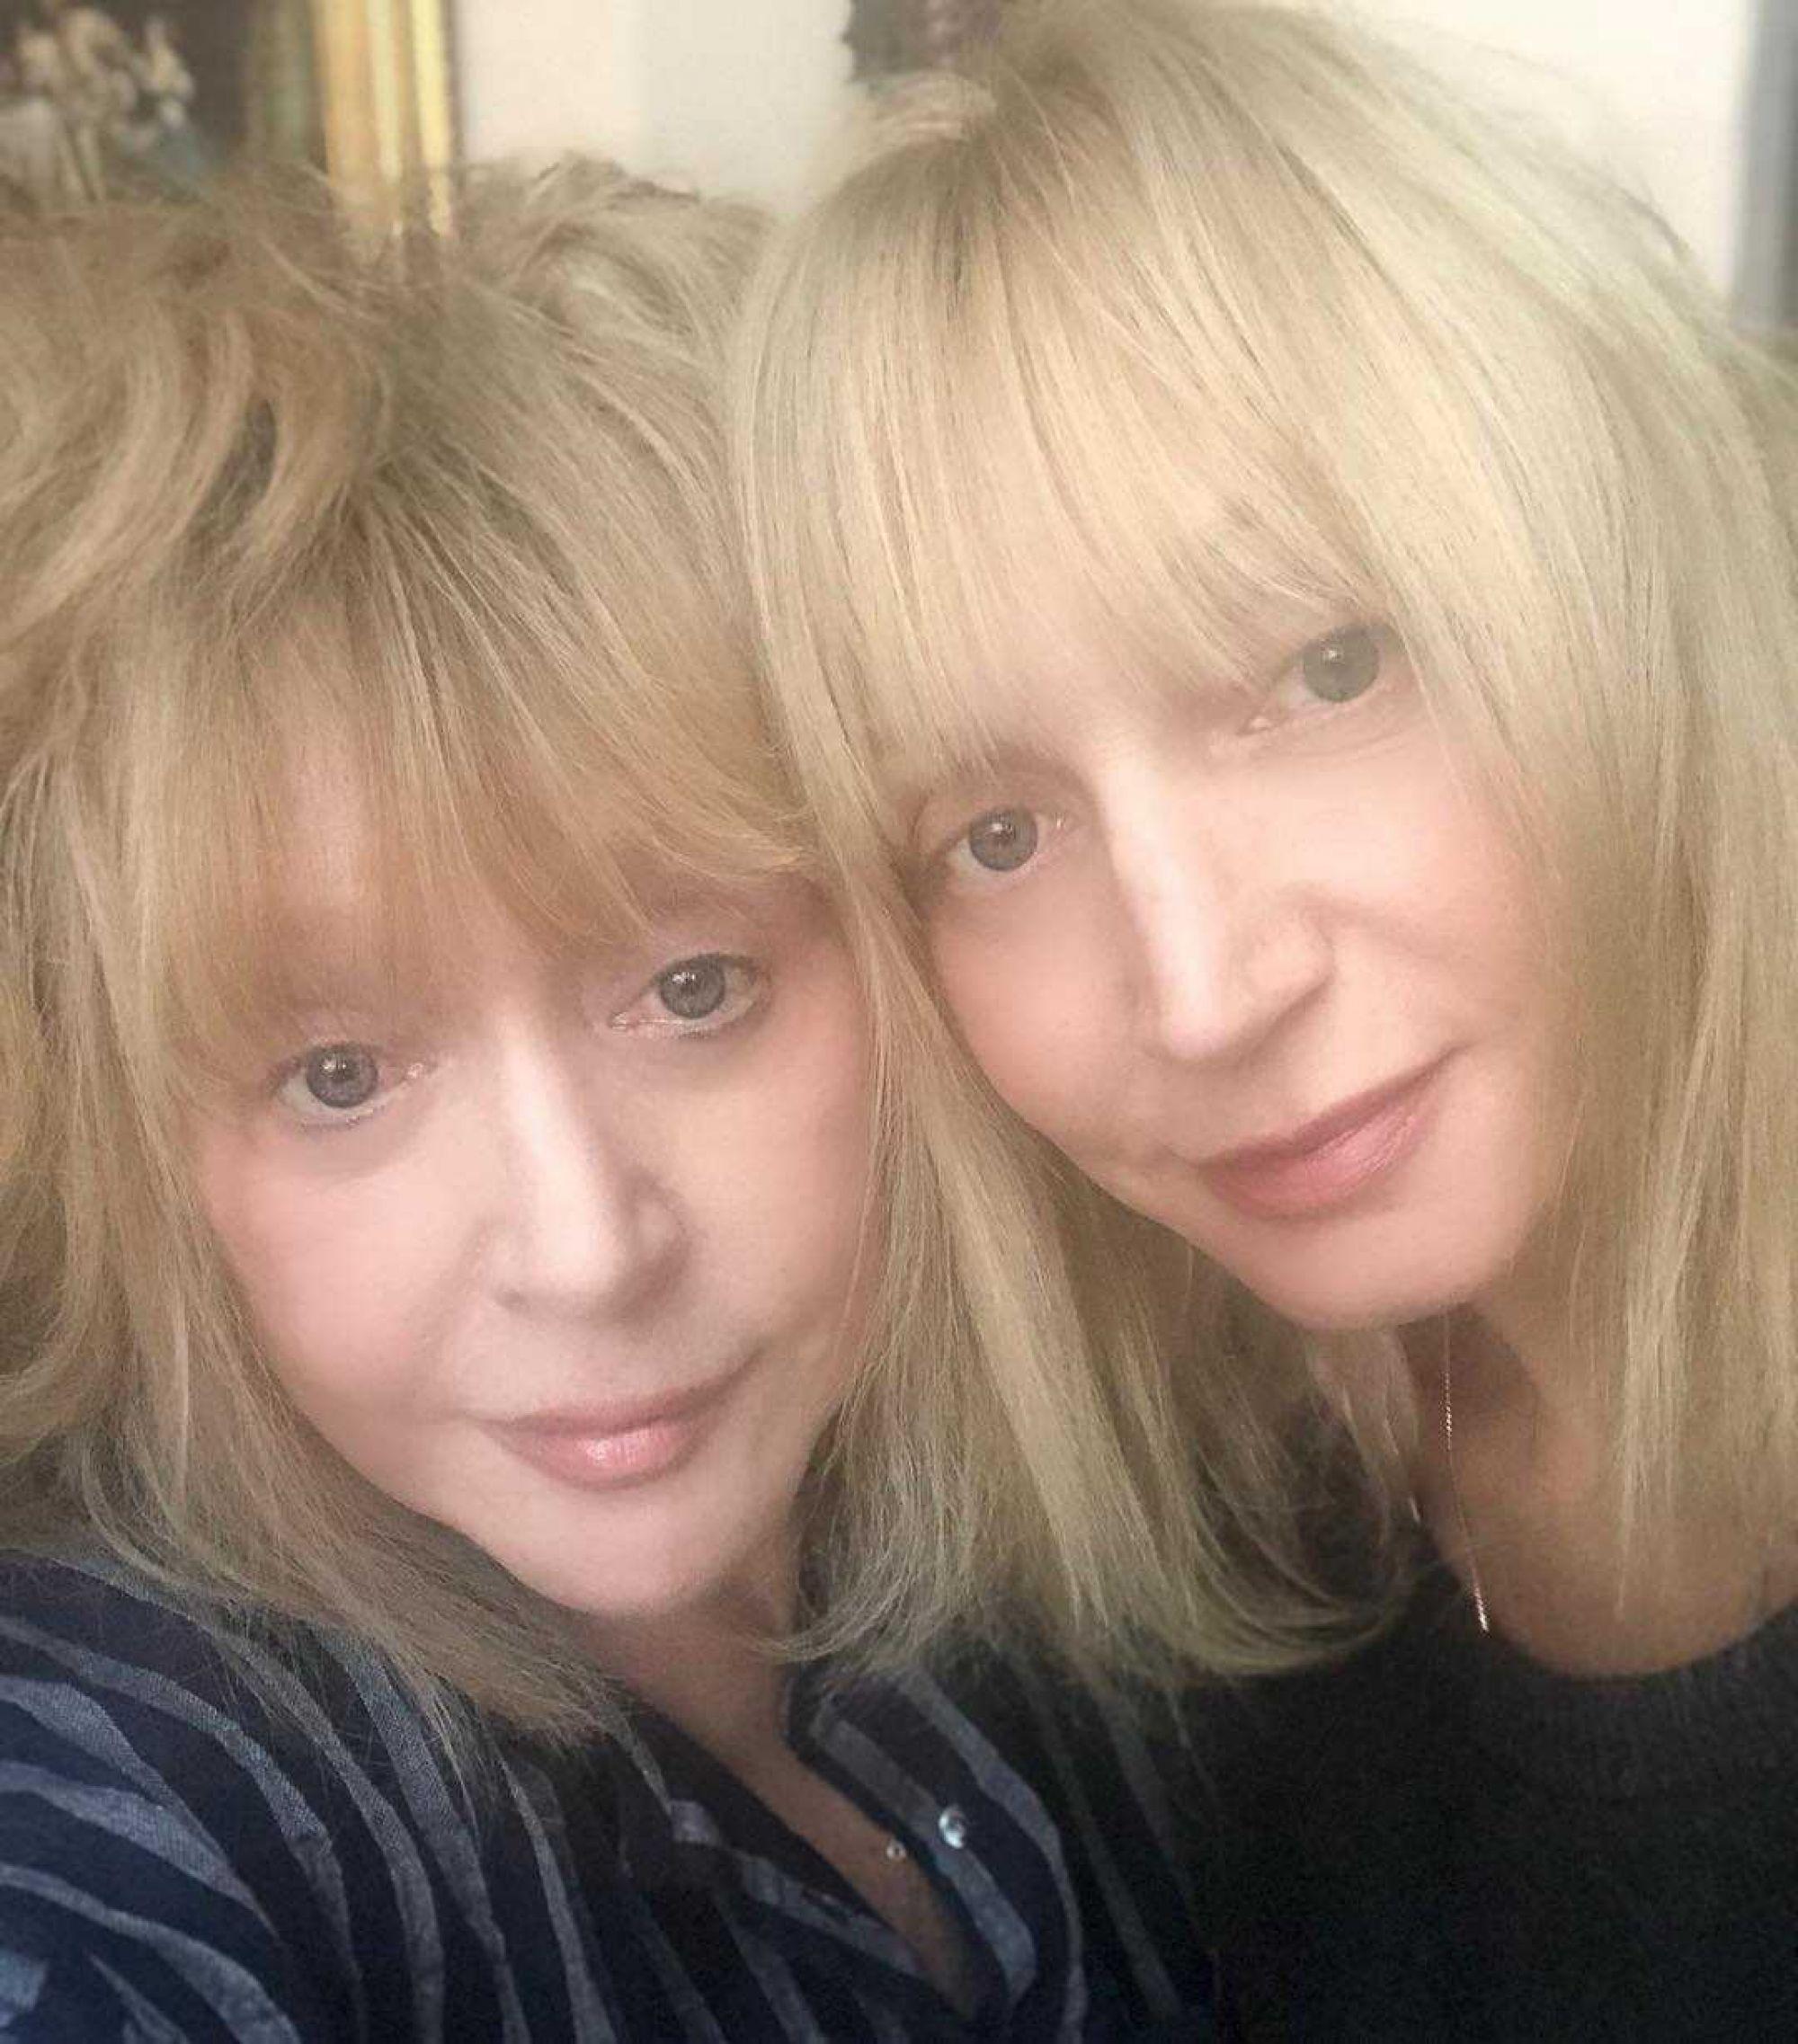 Сеть «взорвал» совместный снимок Аллы Пугачёвой и Кристины Орбакайте